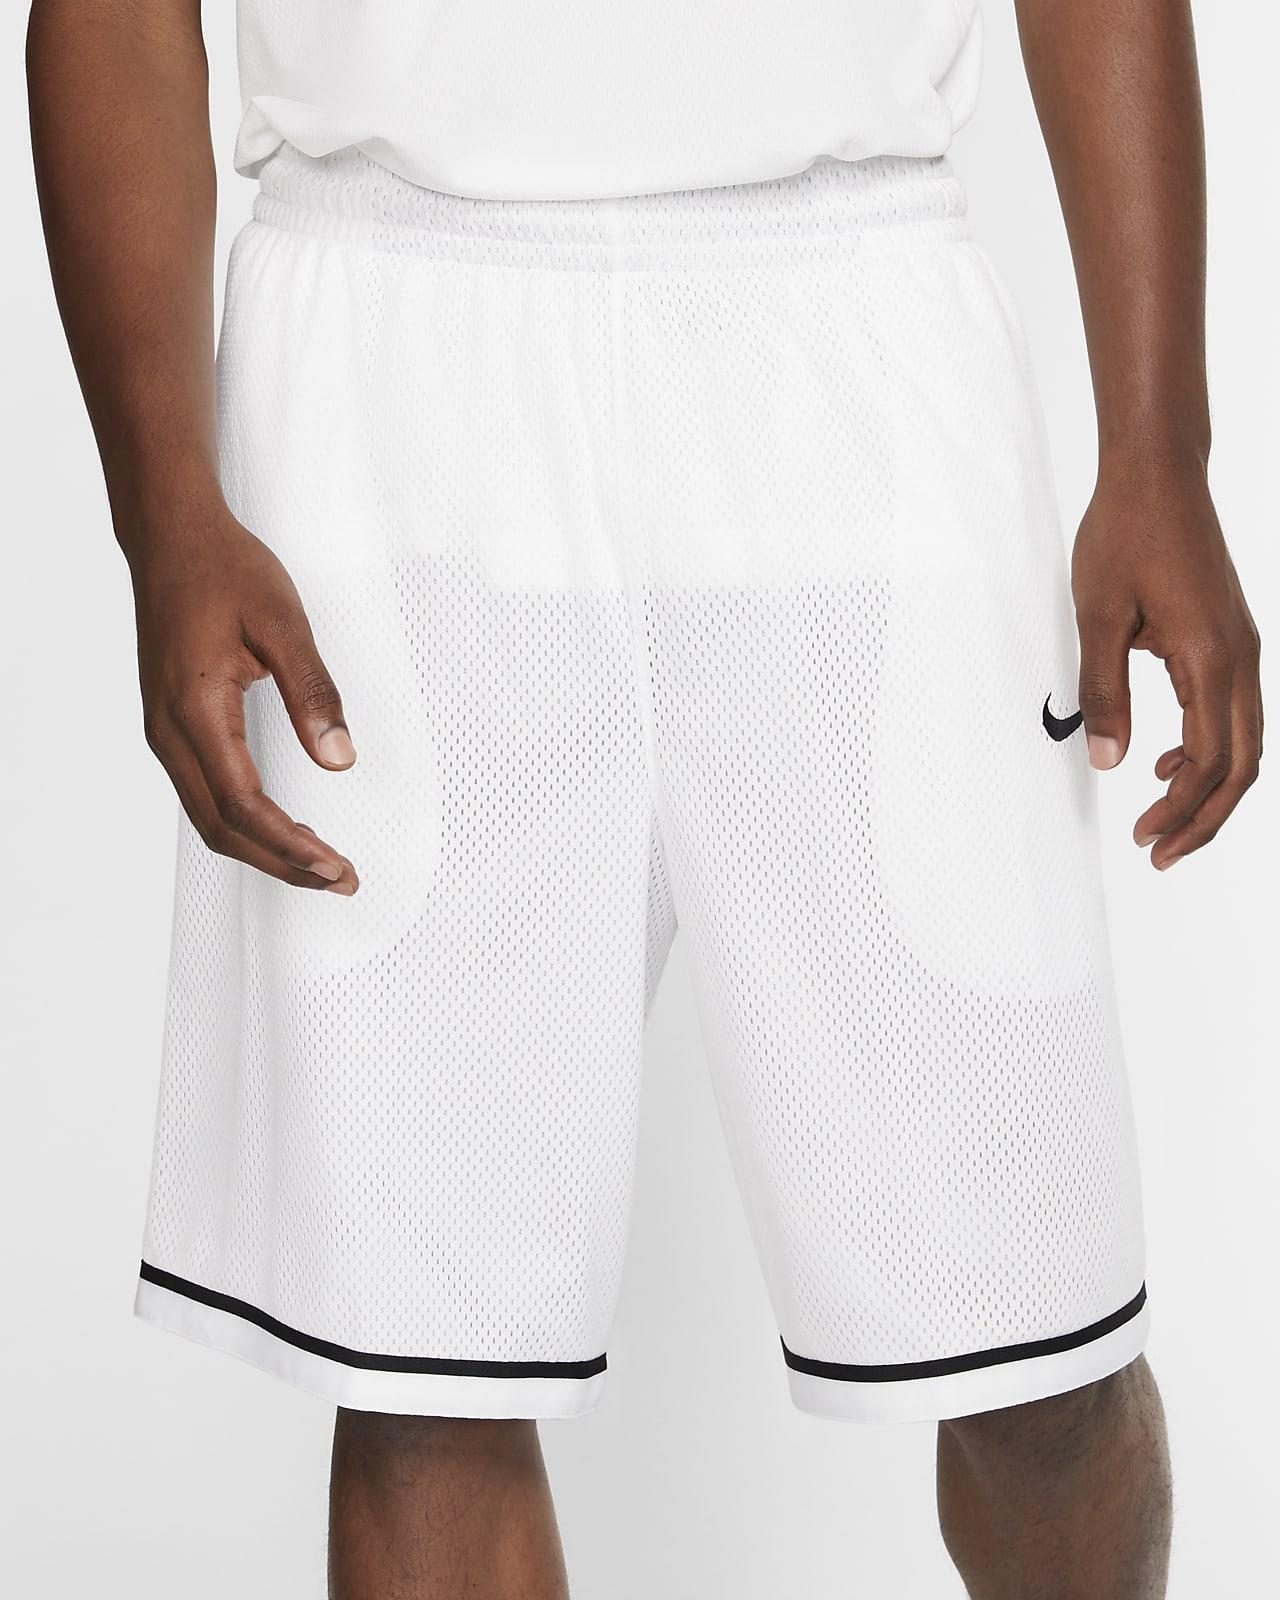 Calções de basquetebol Nike Dri-FIT Classic para homem